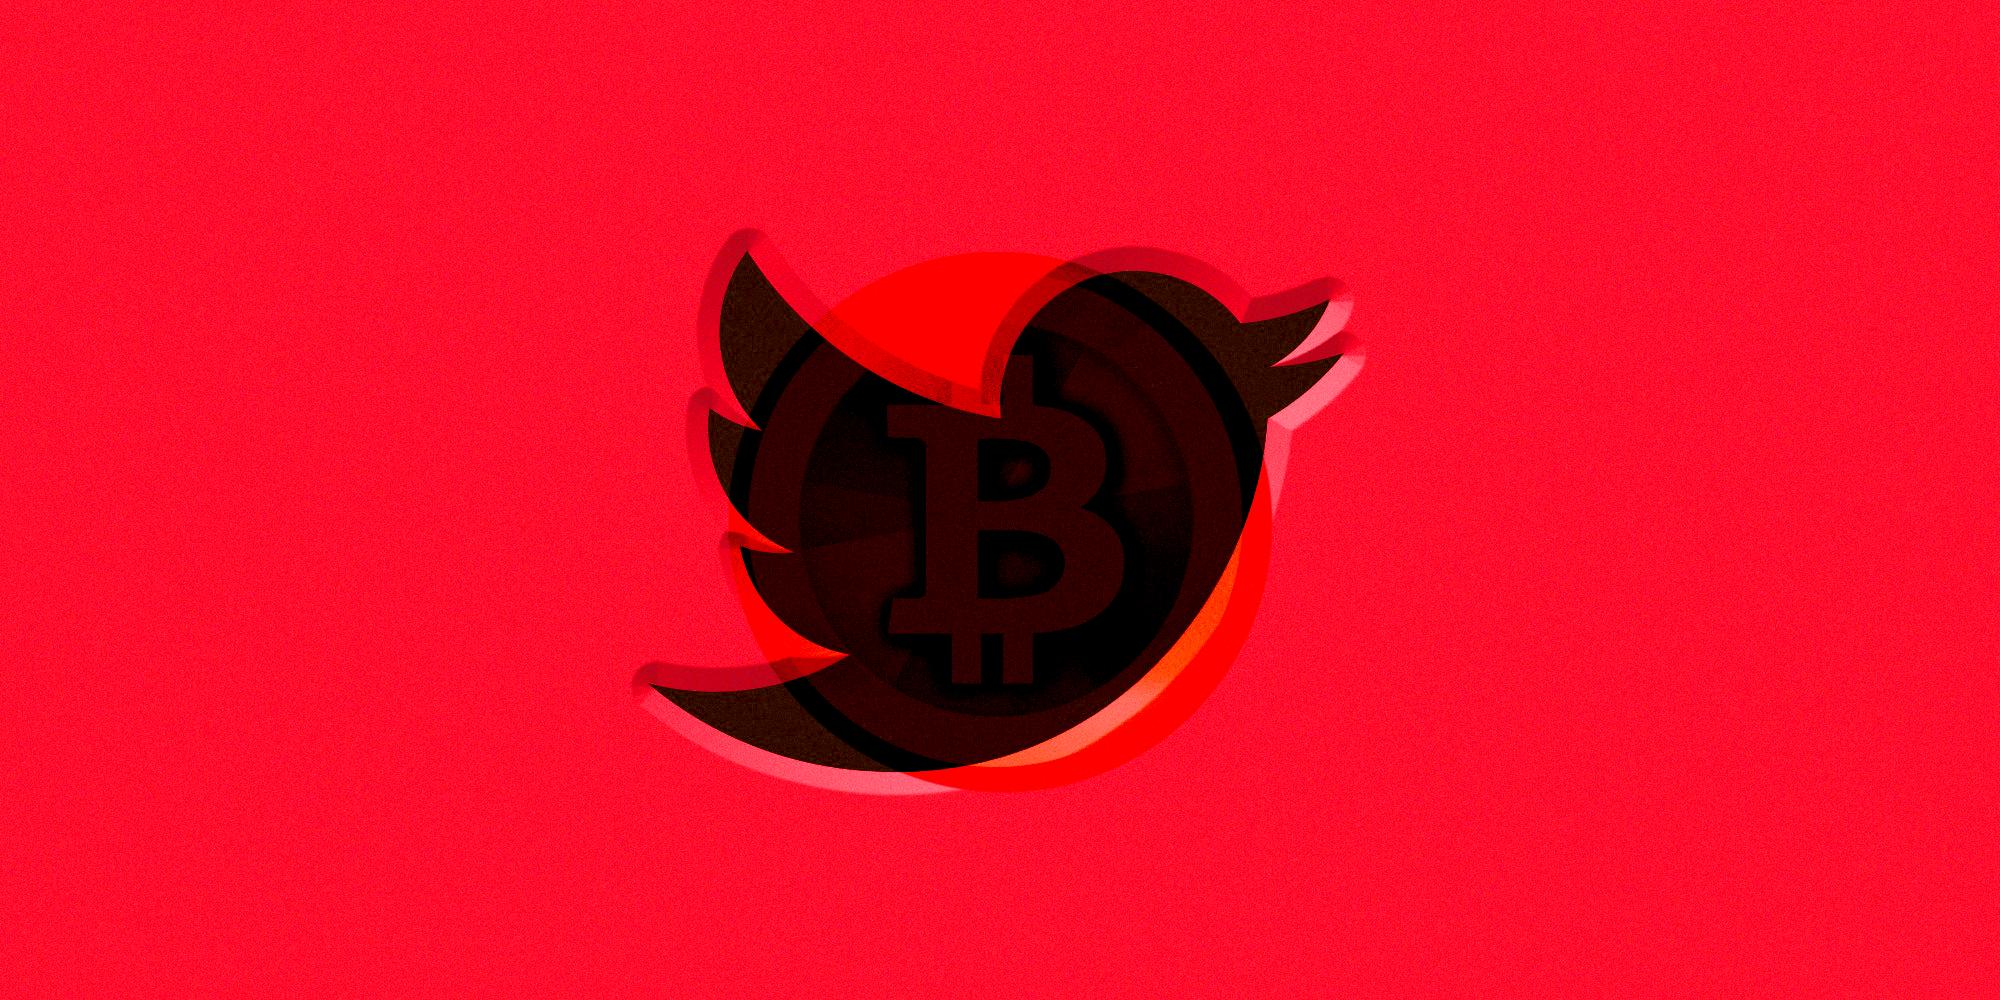 Twitter piraté, une MAJ du Microsoft Launcher et la fin des forfaits illimités – Tech'spresso